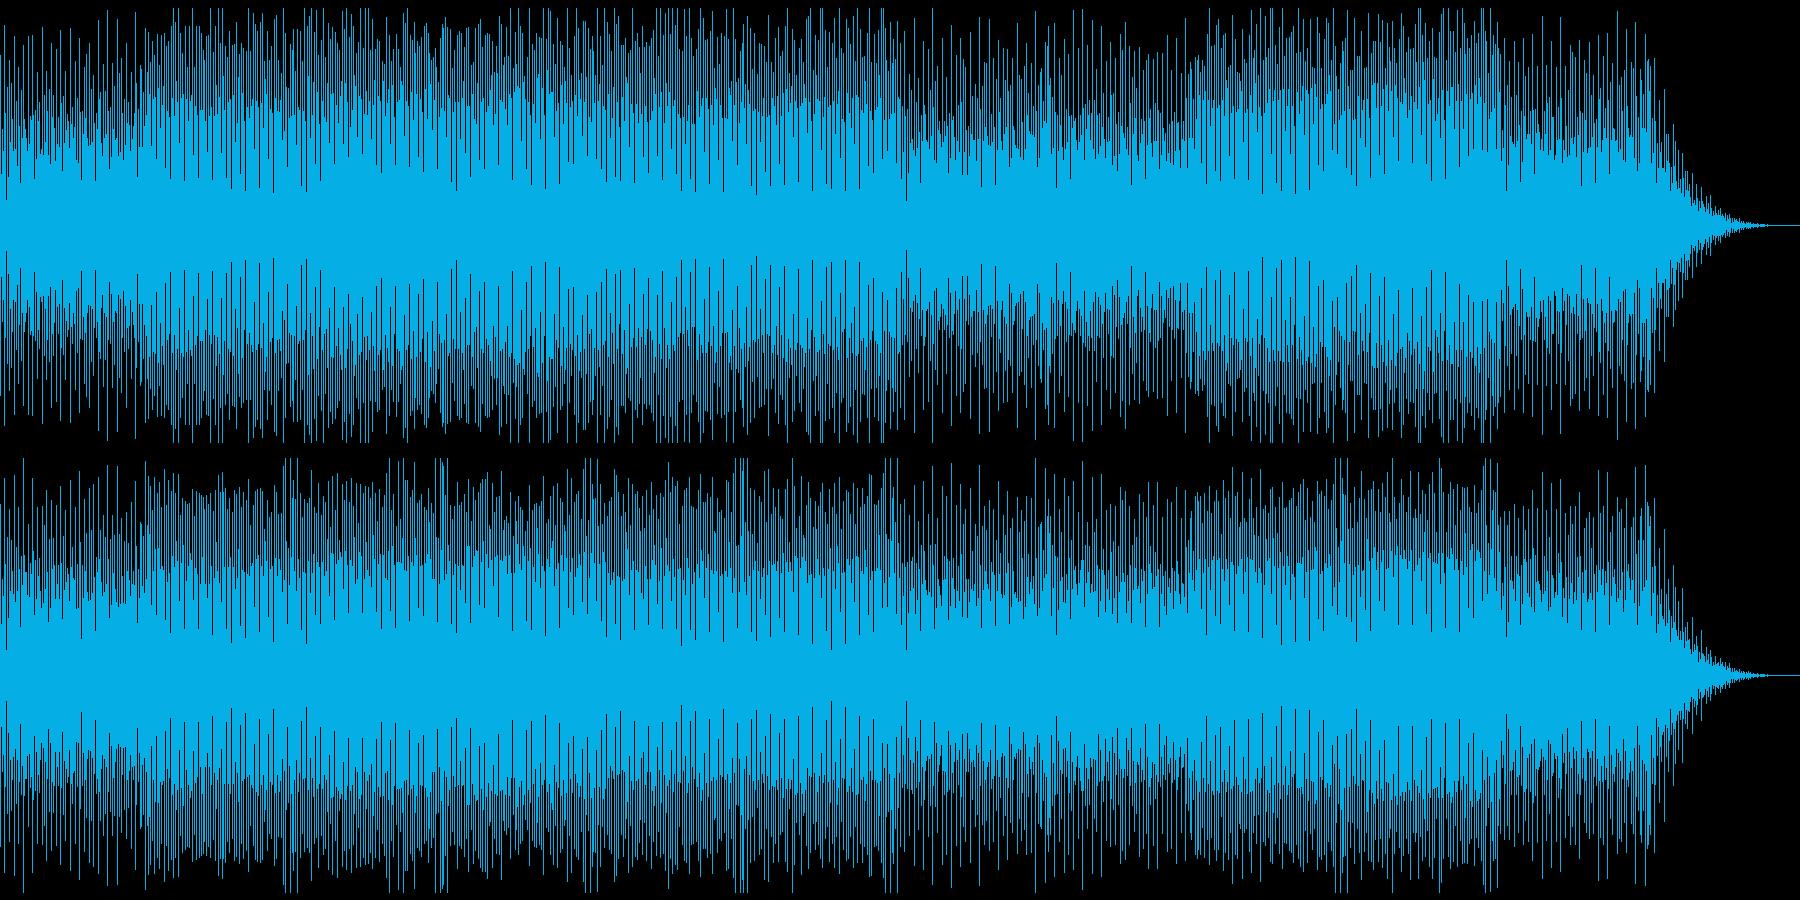 これから何か始まる雰囲気のBGMの再生済みの波形